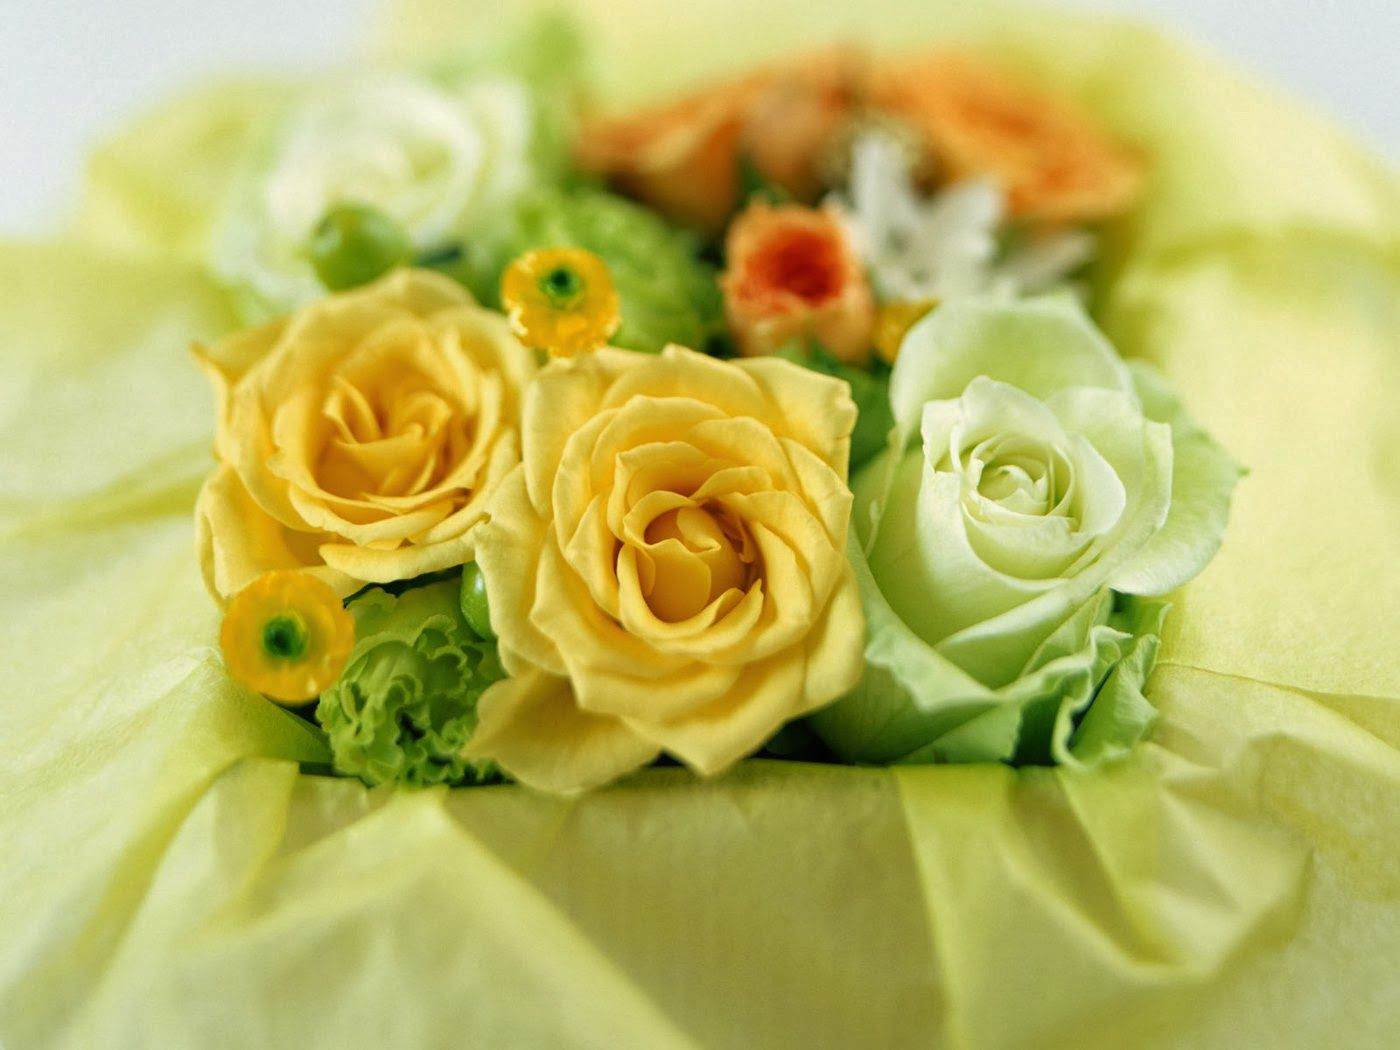 Stunning Flower Wallpaper